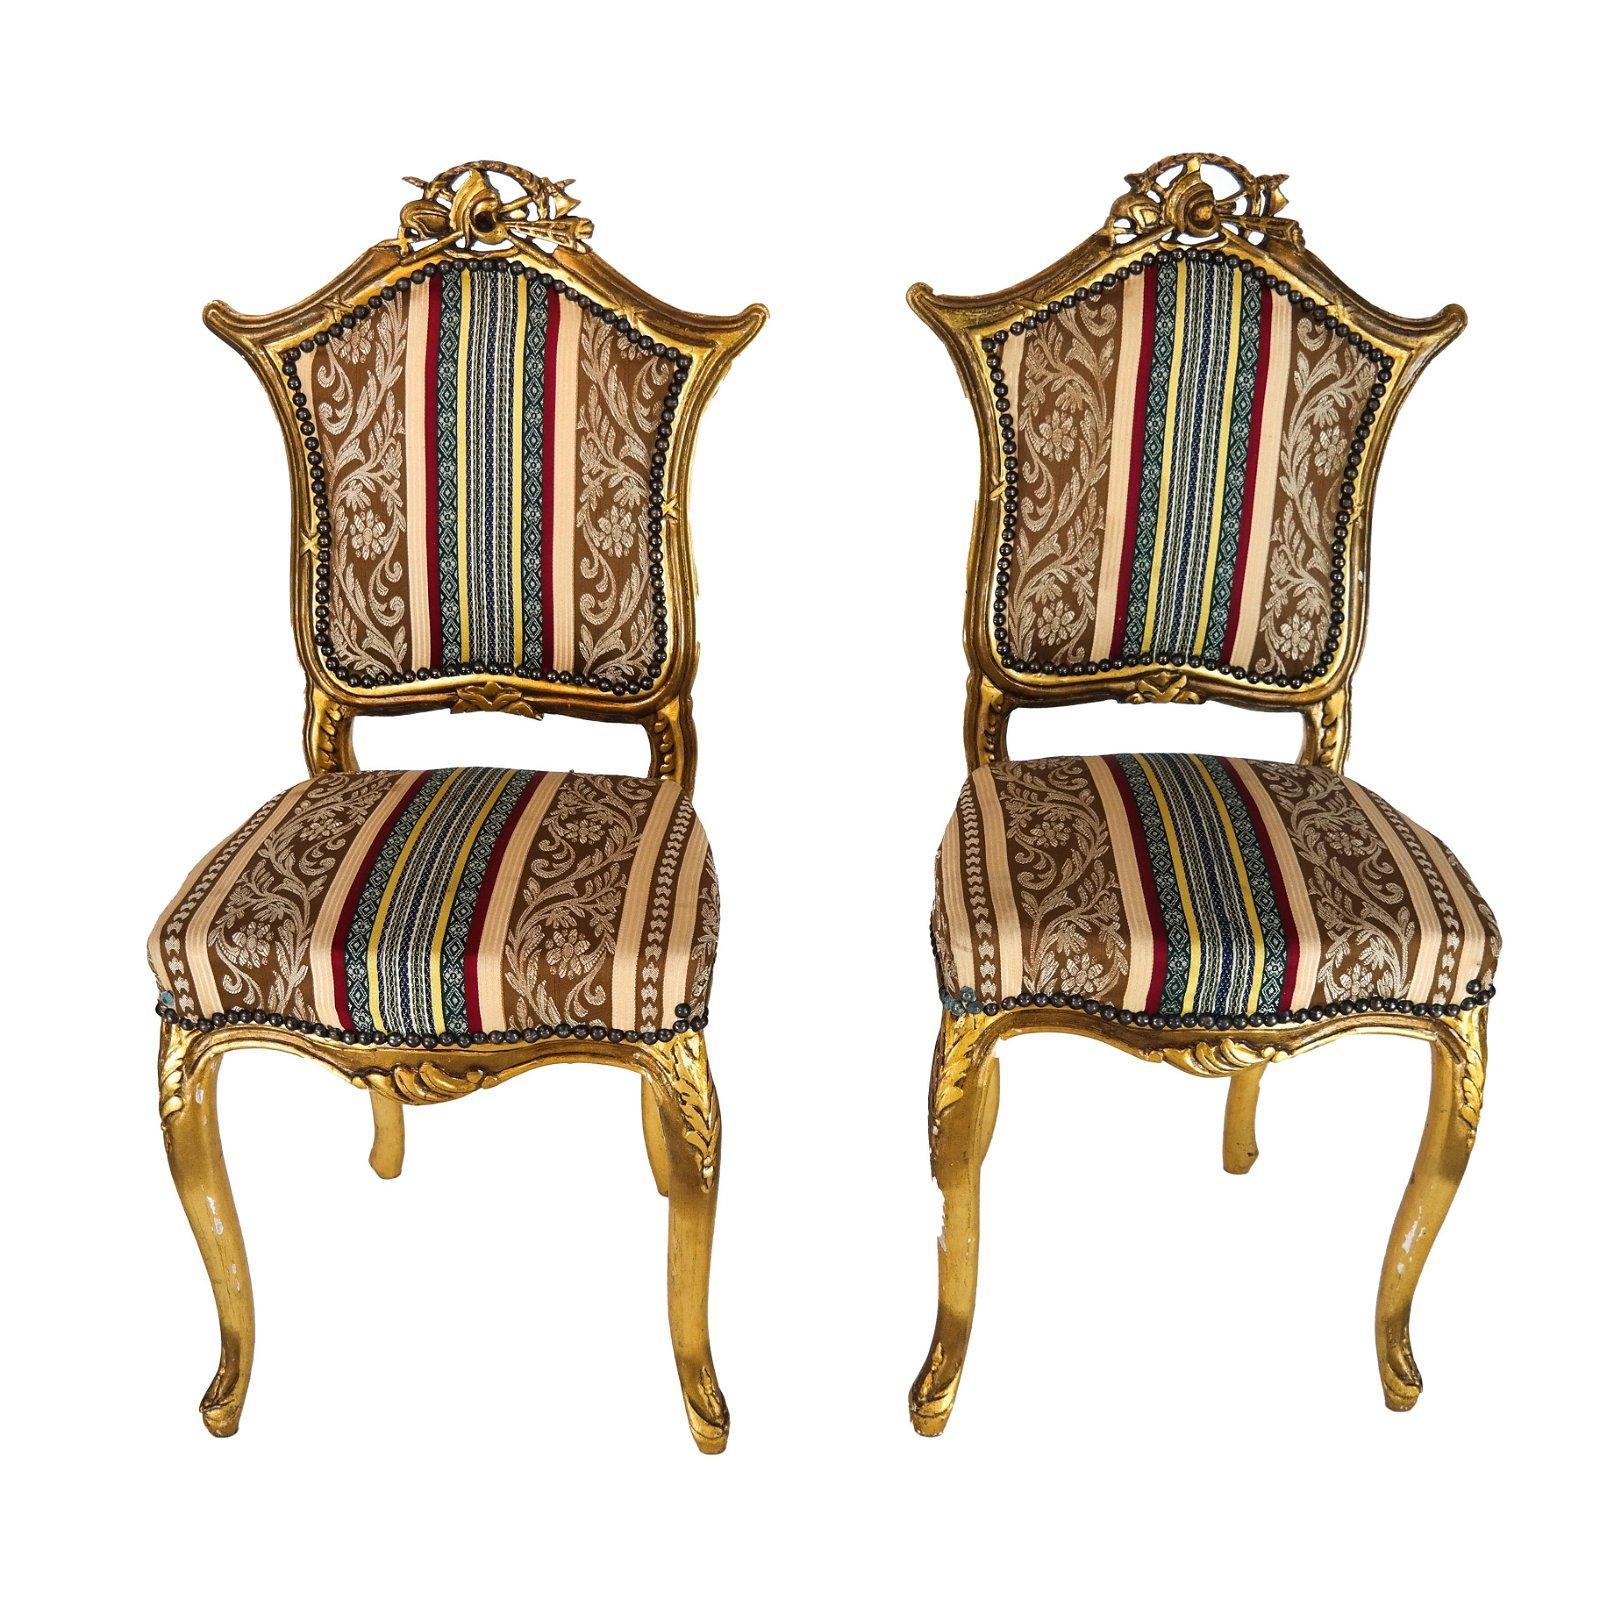 Pair Diminutive 19th C. Slipper Chairs